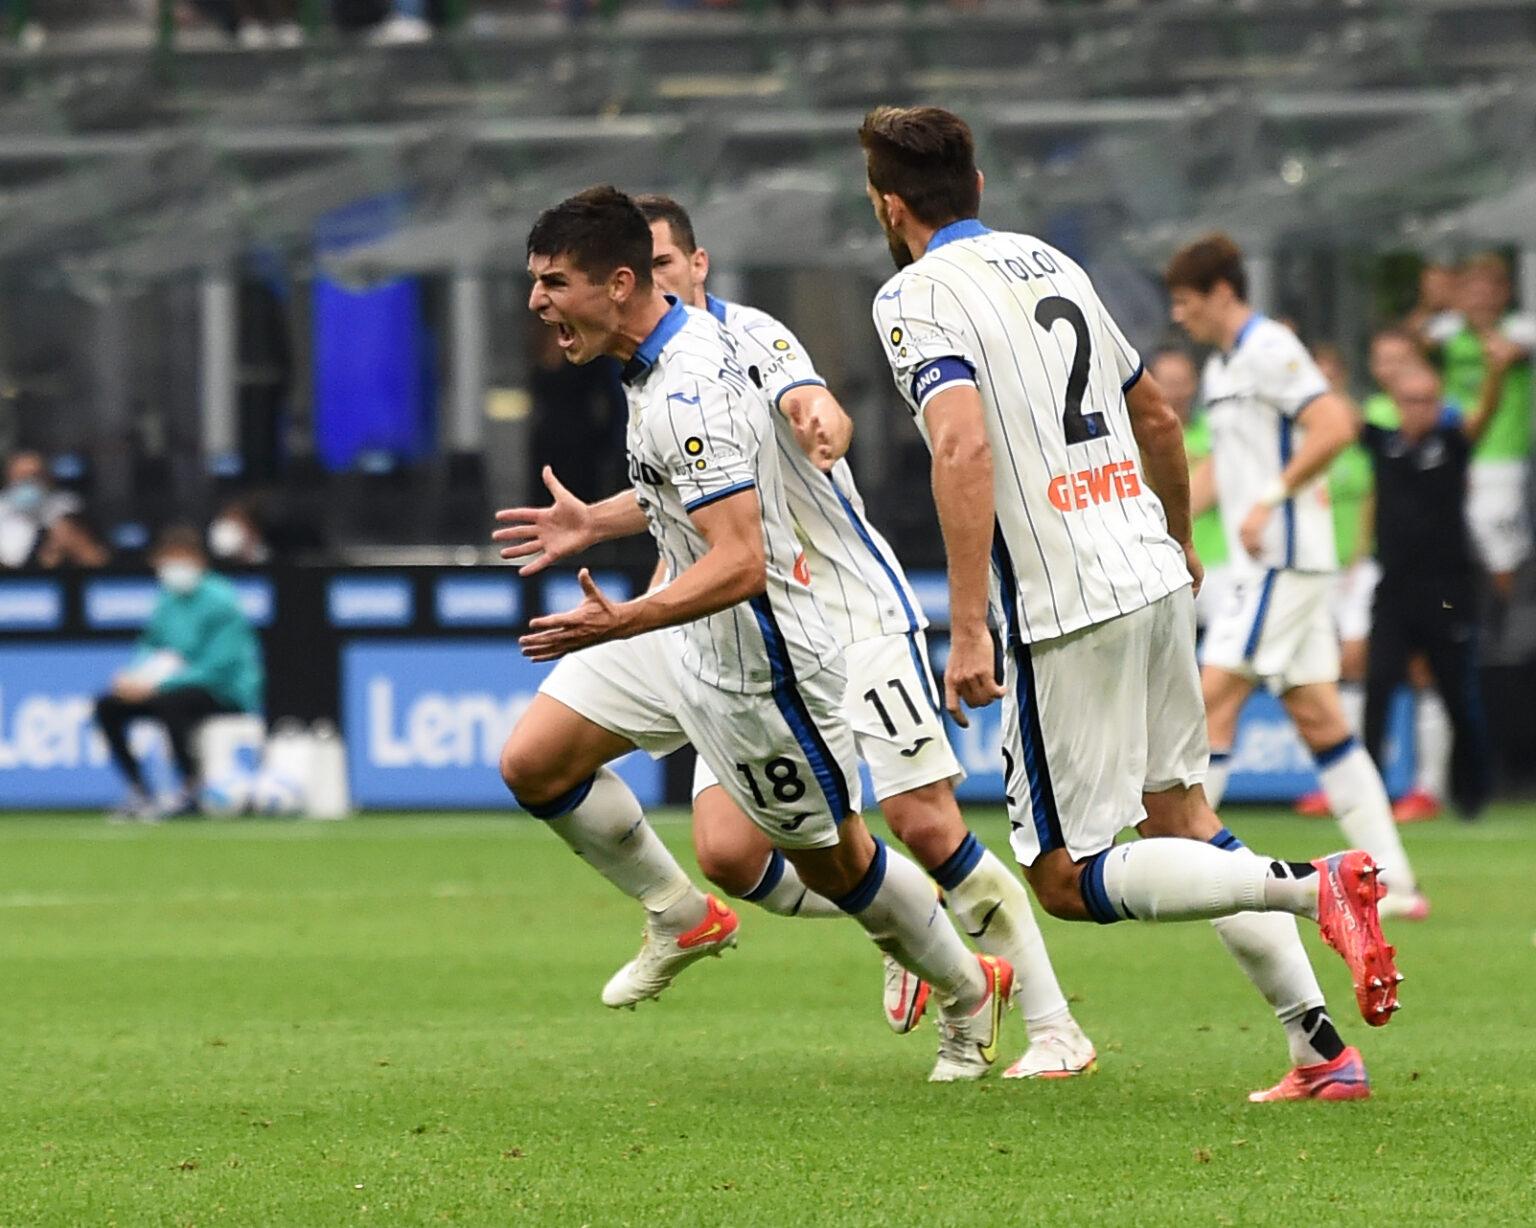 الهدف الثاني لميلان يحققه اللاعب دانييلي مالديني وريث والده باولو